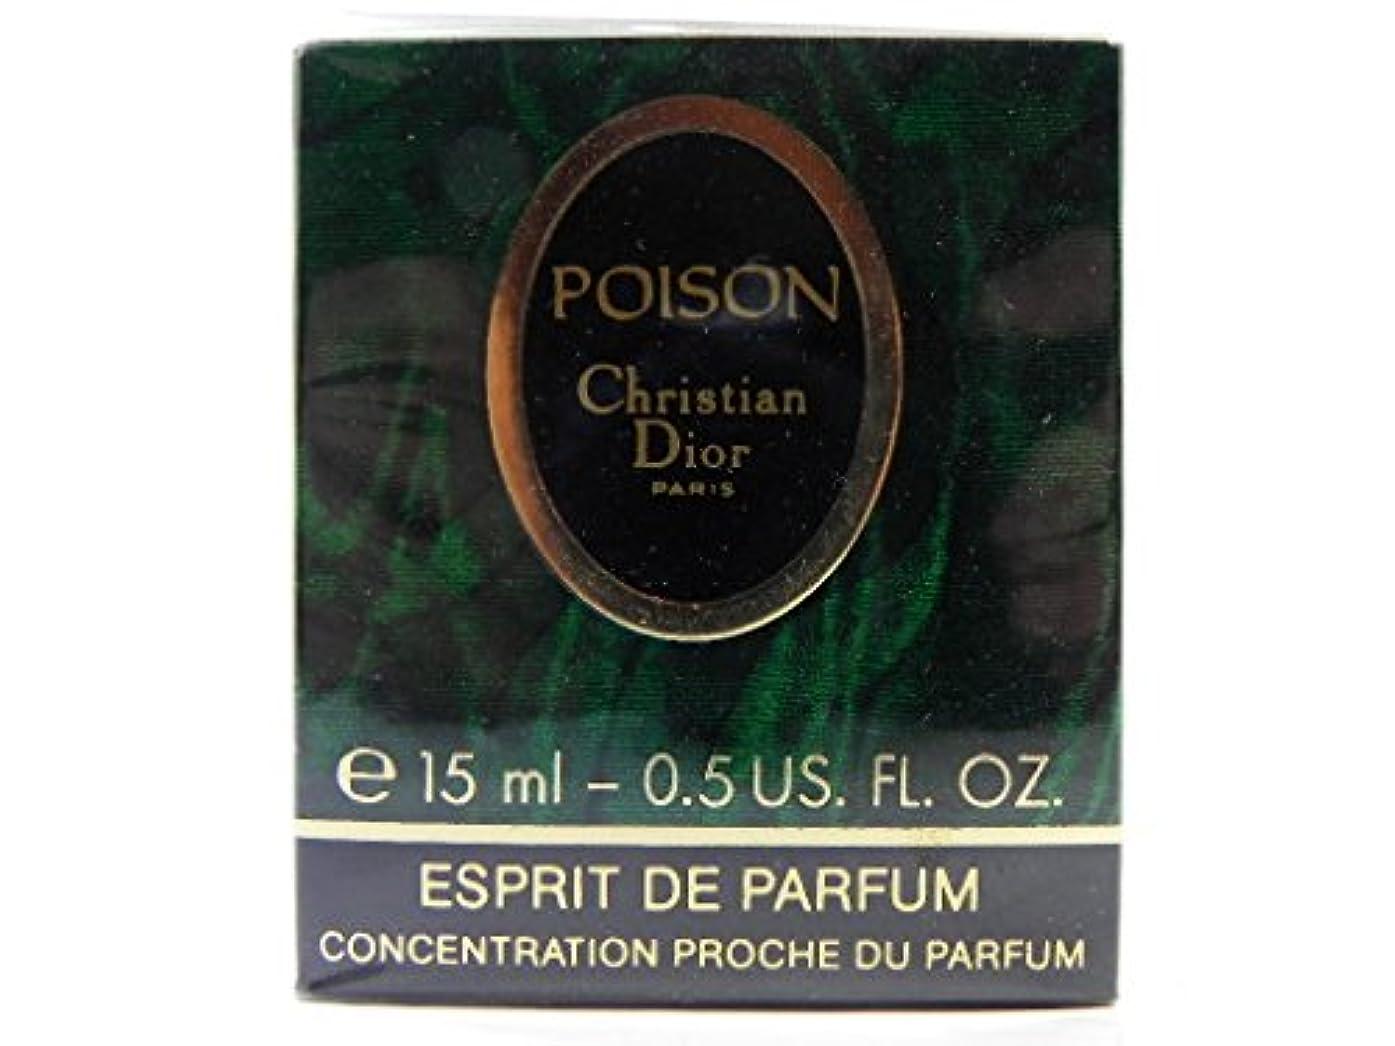 部屋を掃除するフィドルつなぐクリスチャンディオール Christian Dior プワゾン POISON エスプリドゥパルファム ESPRIT DE PARFUM 15ml ボトルタイプ [並行輸入品]